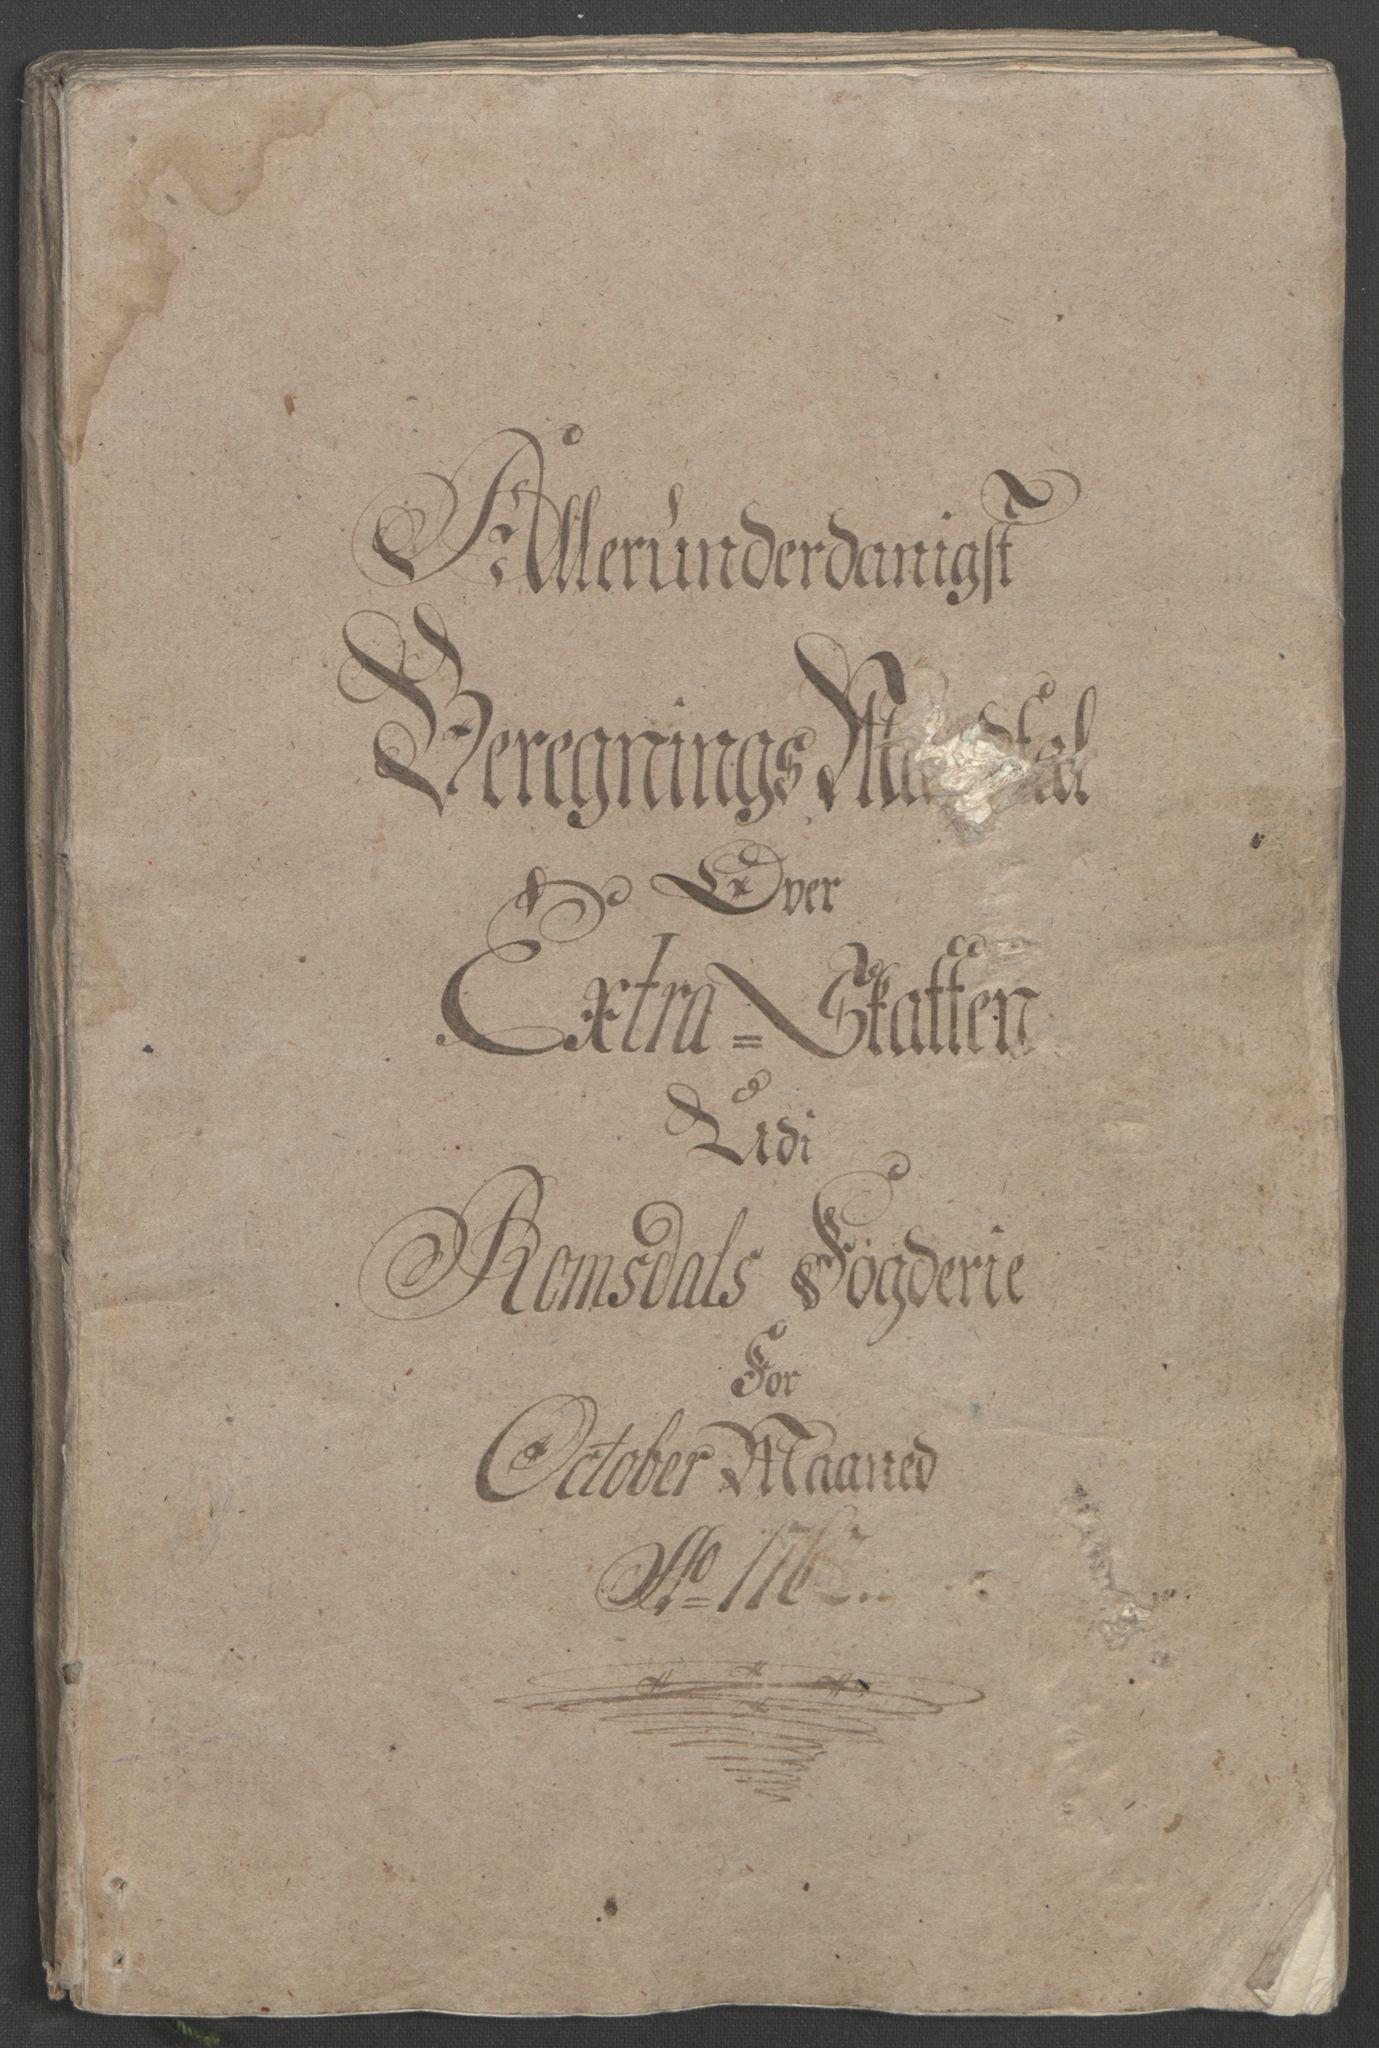 RA, Rentekammeret inntil 1814, Reviderte regnskaper, Fogderegnskap, R55/L3730: Ekstraskatten Romsdal, 1762-1763, s. 11